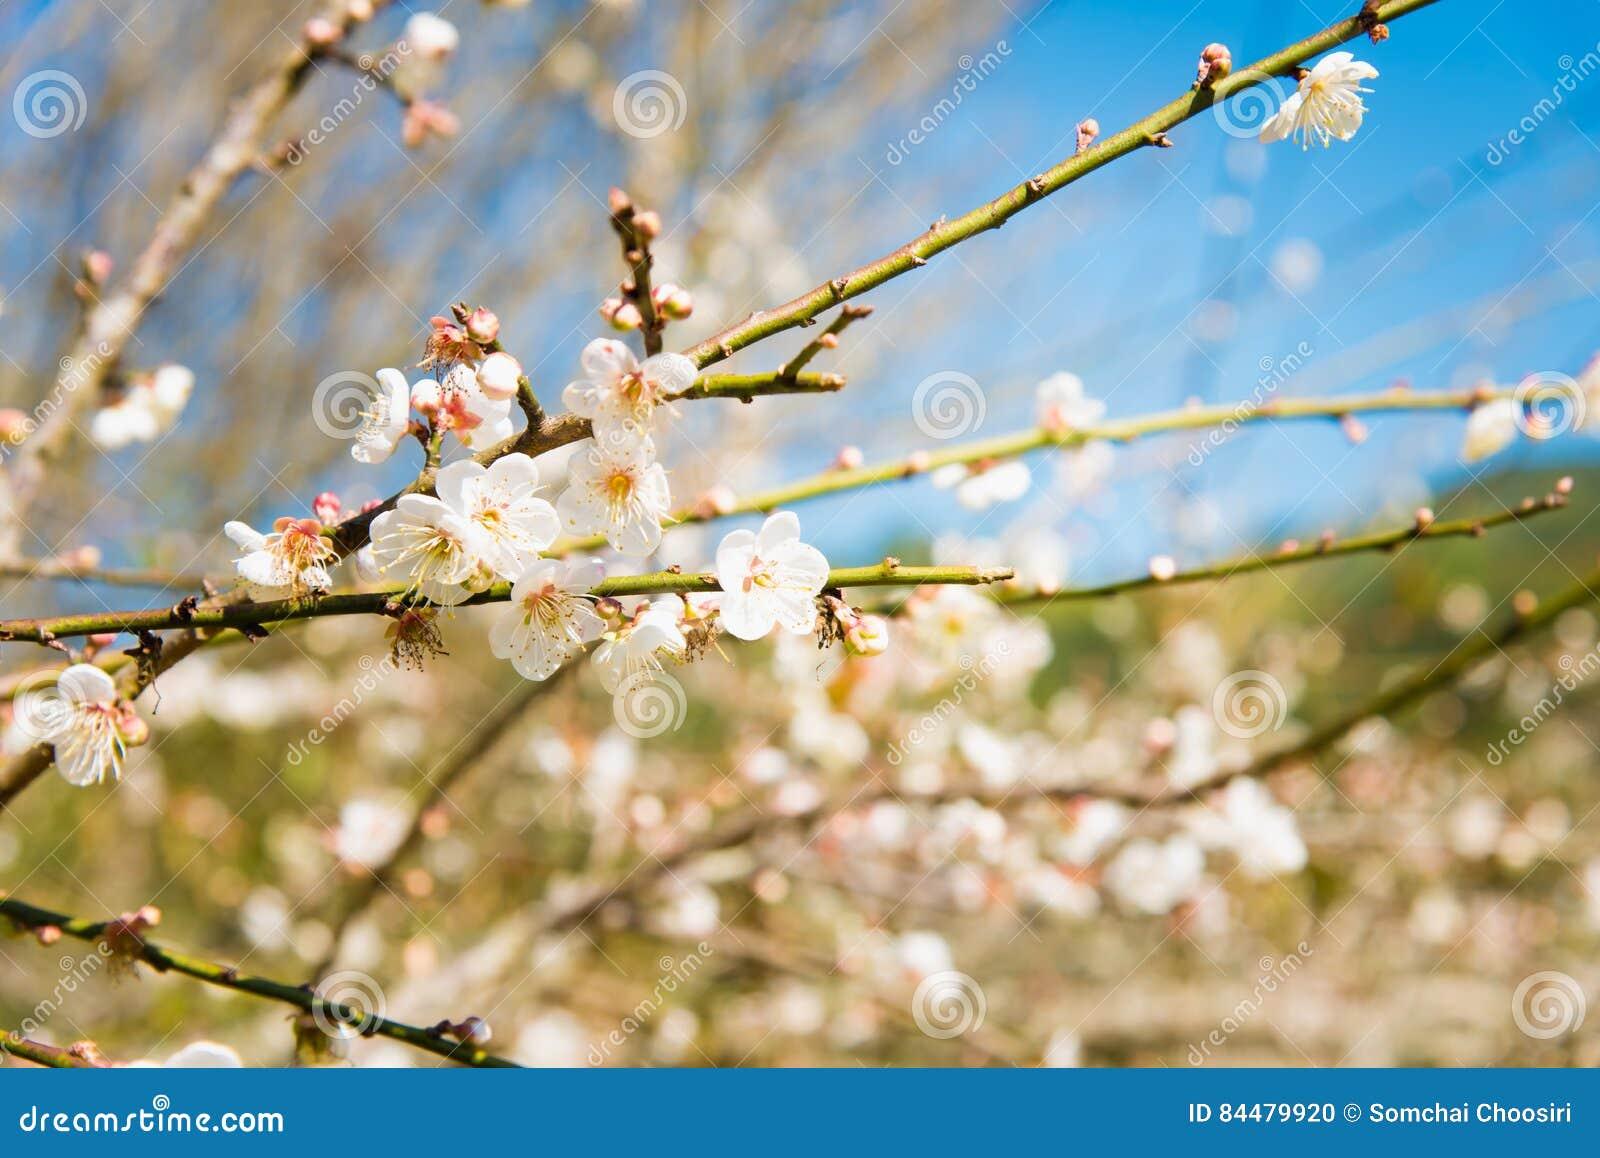 Fleur Blanche De Fleur De Peche Fleur De Prune Photo Stock Image